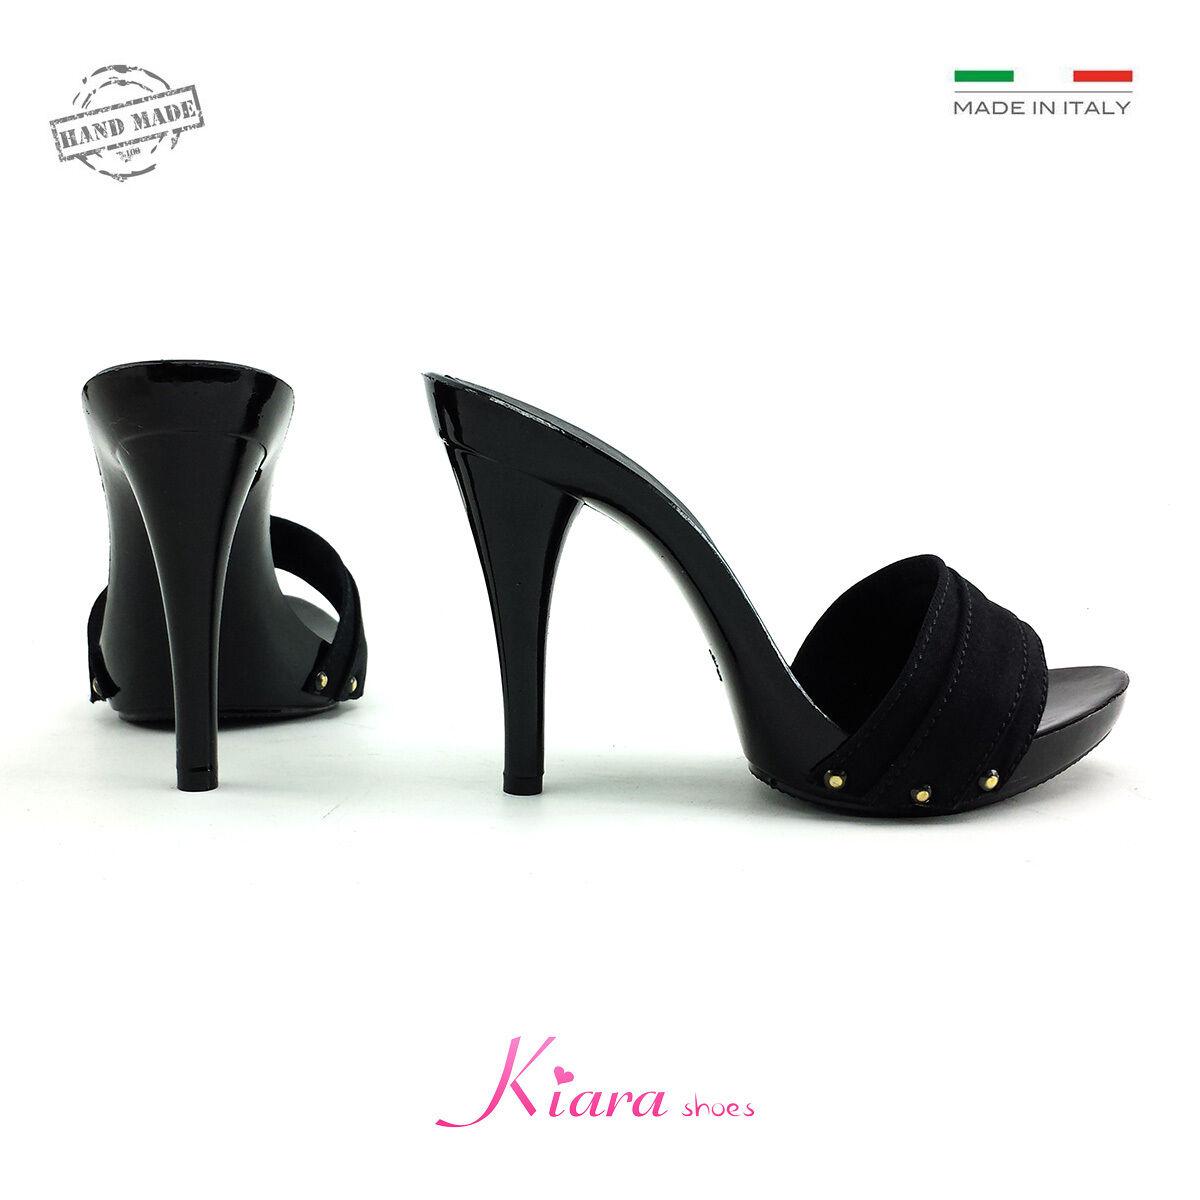 Zoccoli Neri -Made in 42 Italy- dal 35 al 42 in  - Tacco 12 cm - KM7501 b30901